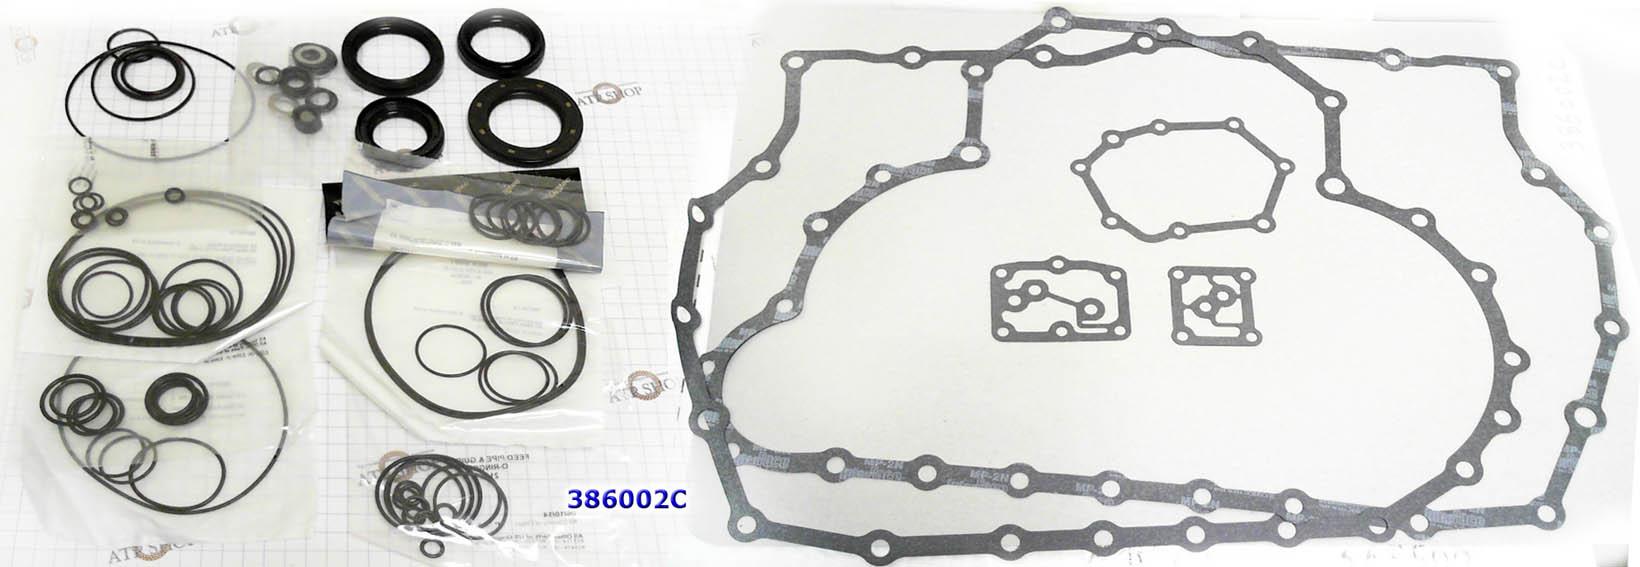 Ремкомплект\ Оверол кит\ Overhaul Kit), на 5 ск Acura MDX 03-05